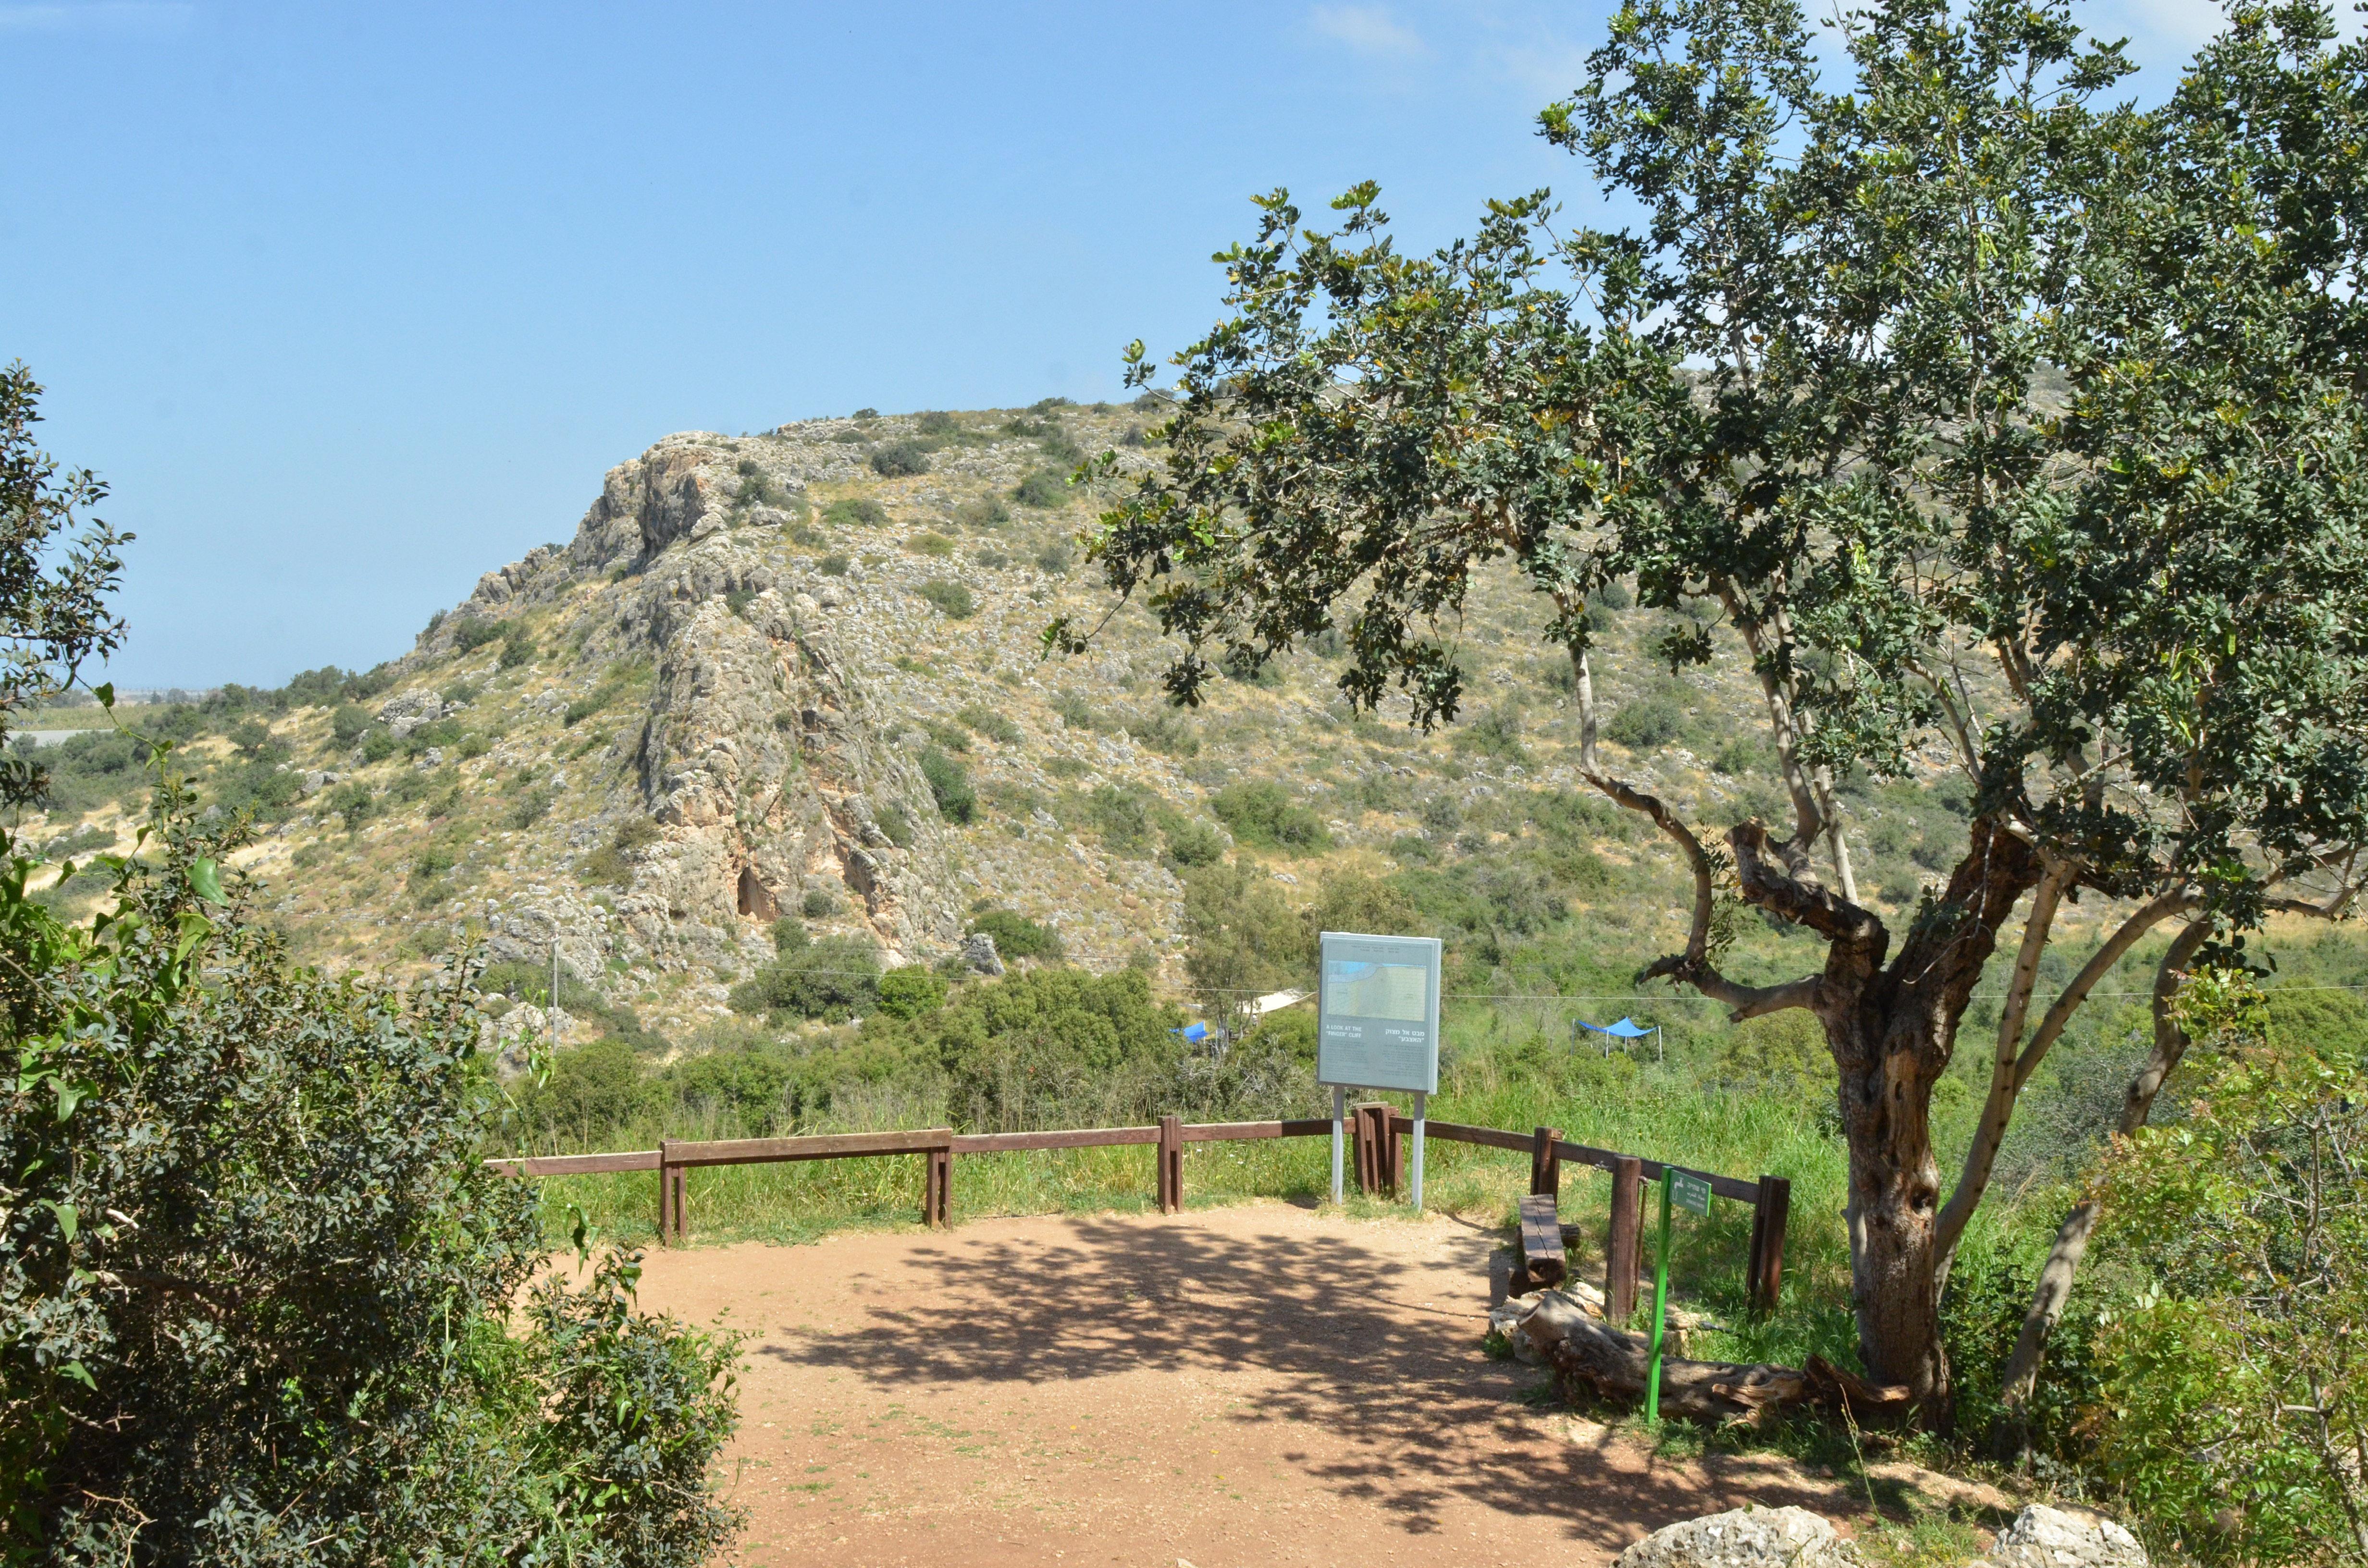 נחל מערות (צילום: אבי בהרי)